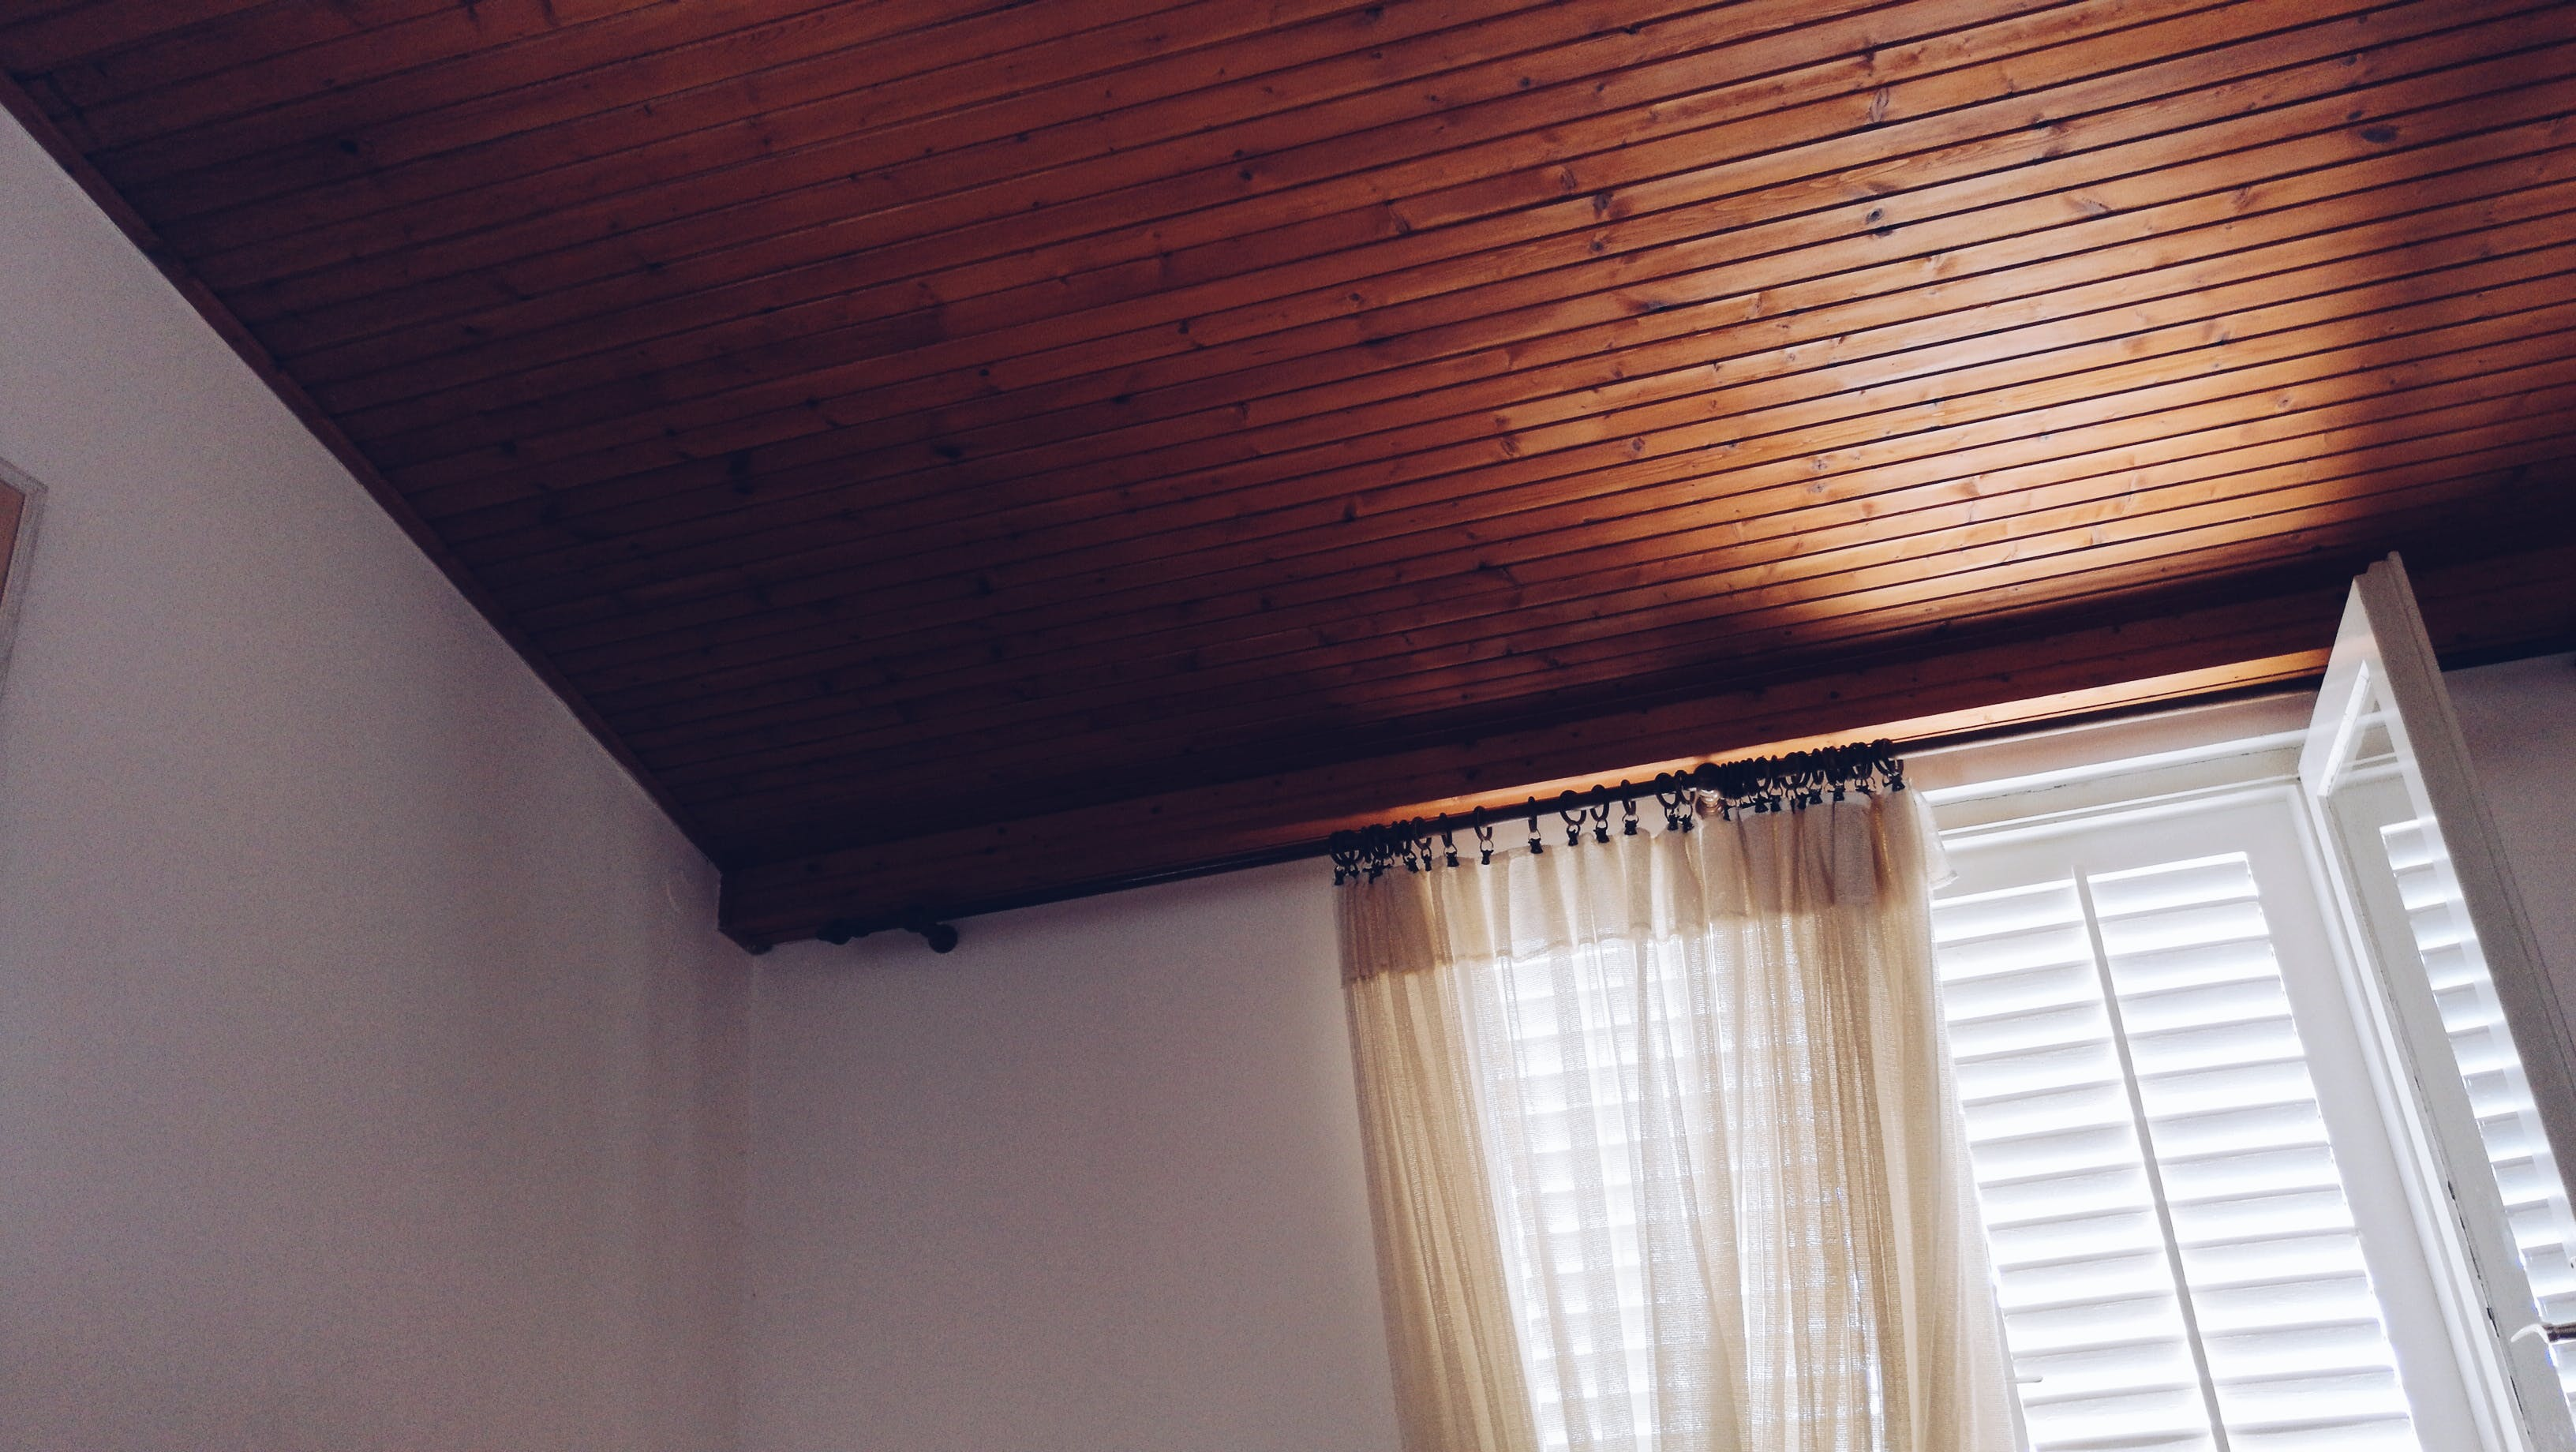 Foto profissional grátis de brilho do sol, castanho, cômodo, cortina